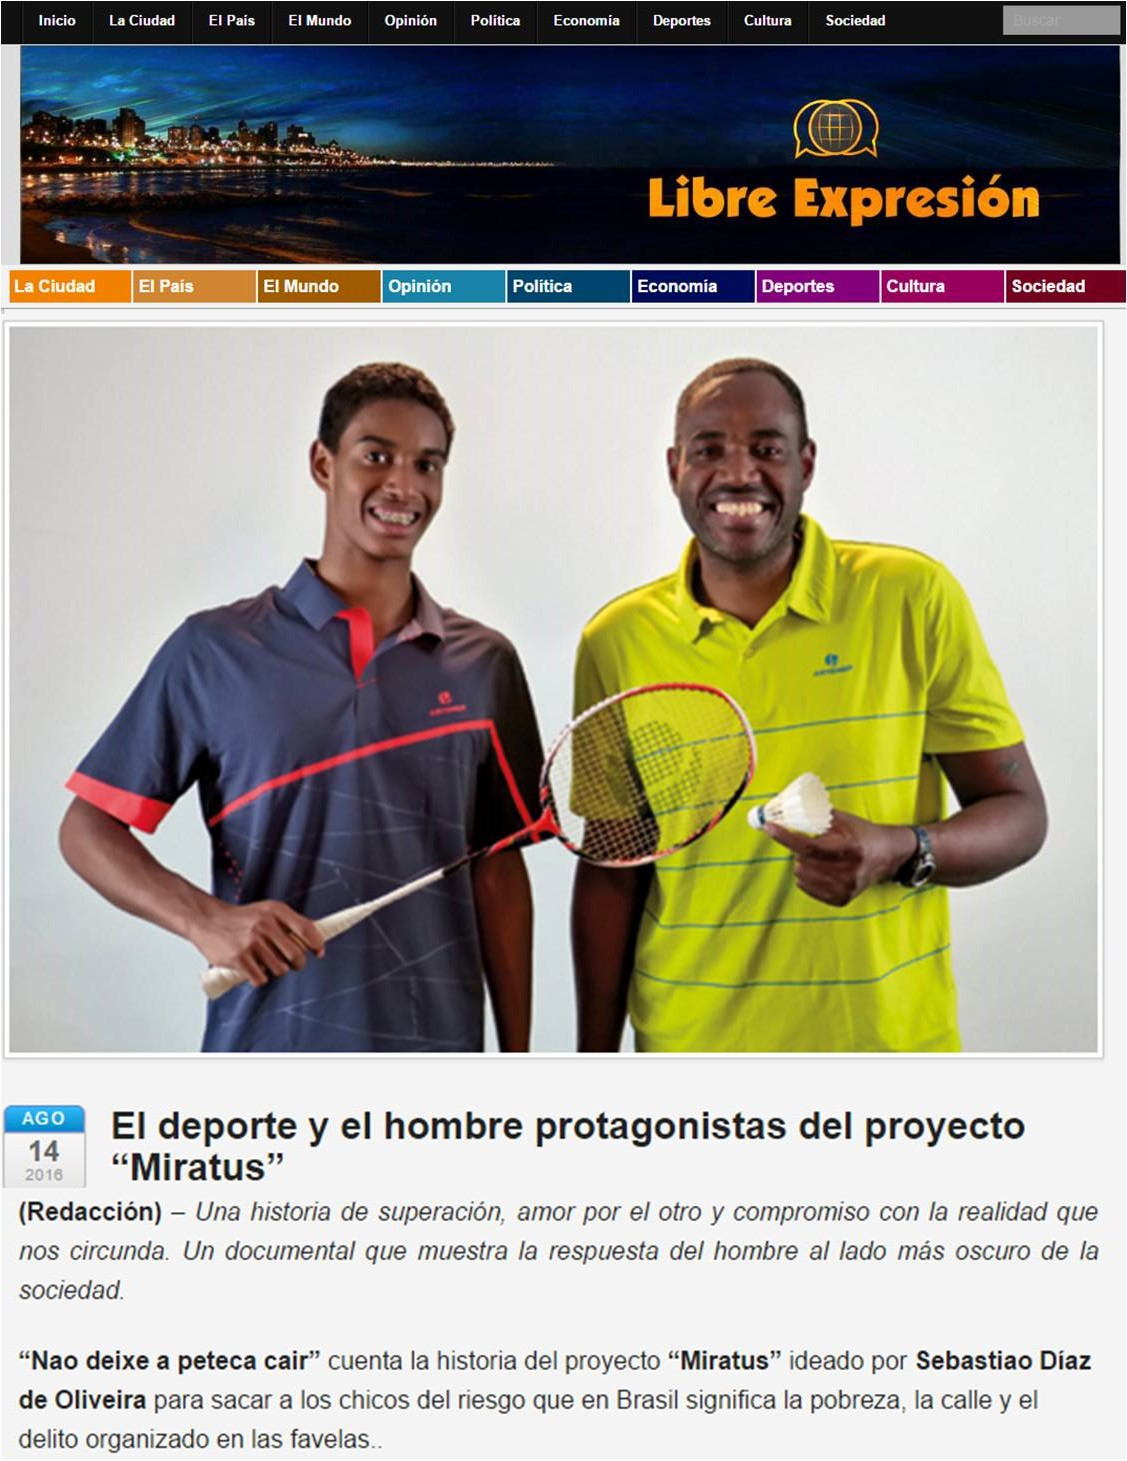 2008 08 14 Libre Expresion (ES)